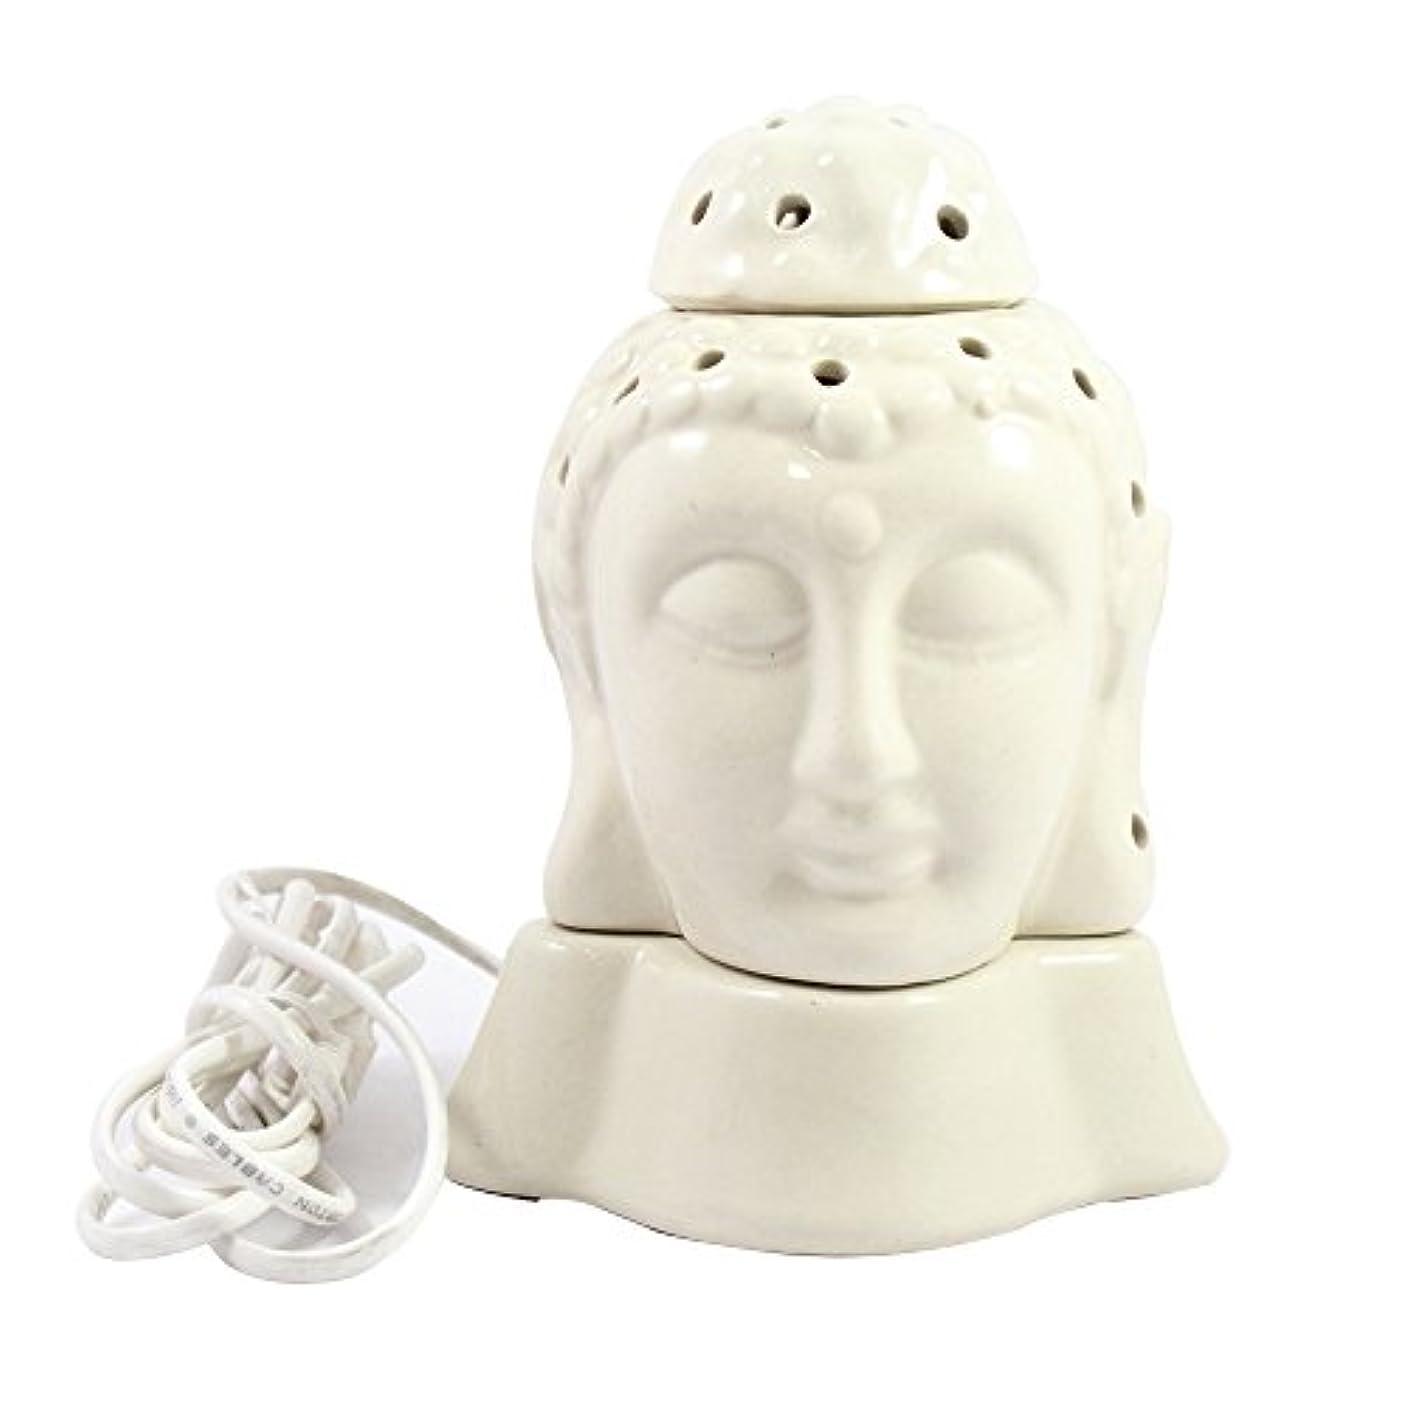 支給許容できる葡萄Gautama Buddha電気アロマオイルバーナー&ティーライトランプ/良質ホワイトカラー数量1 /汚染無料手作りセラミック主仏電気T - ライトランプ&香油ディフューザー